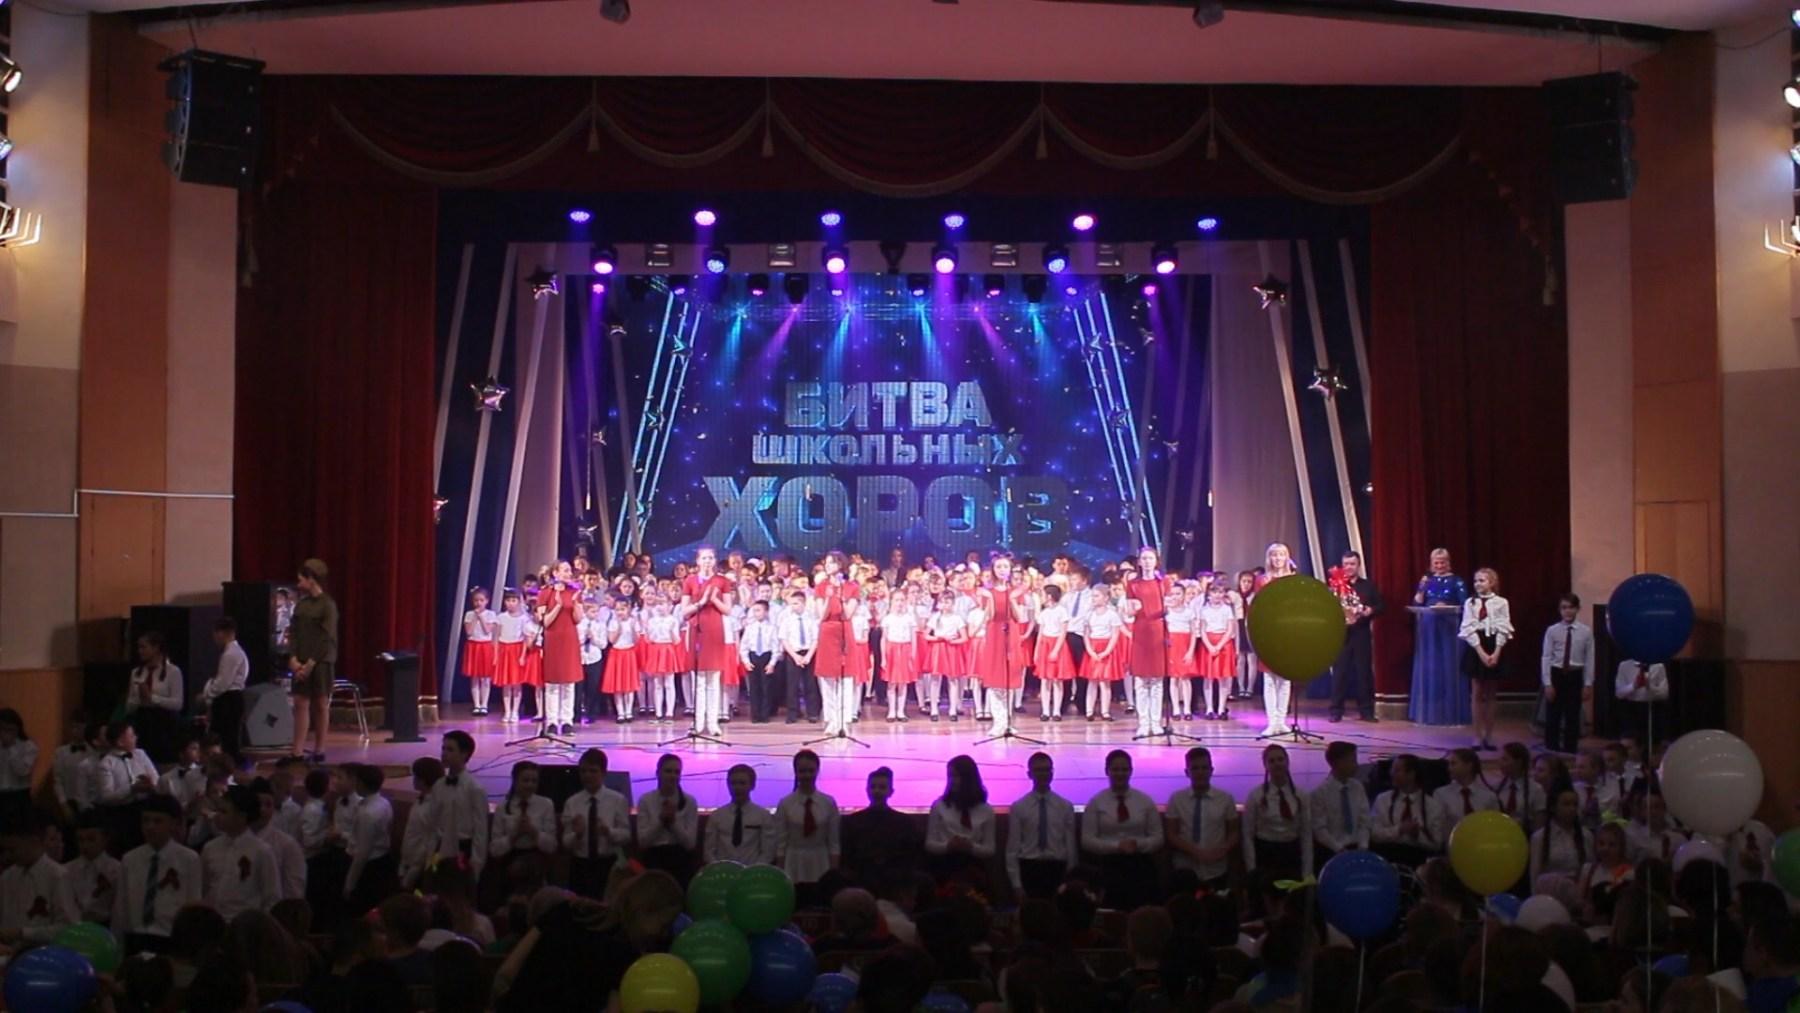 Bitva-scool-hor-2019-14